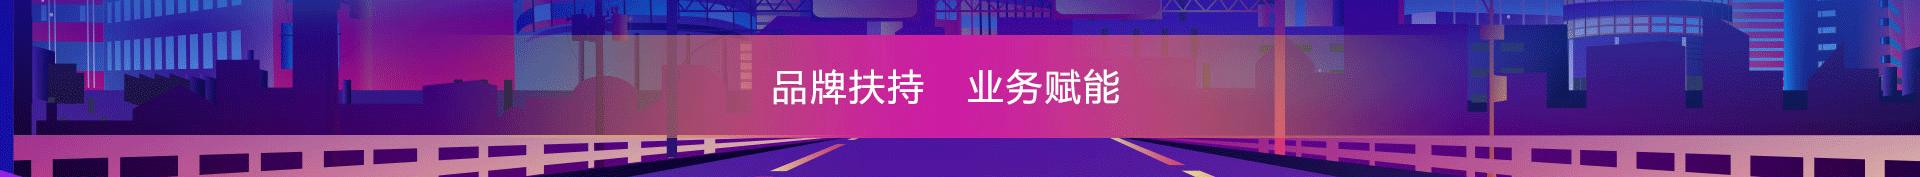 加盟计划_03.png